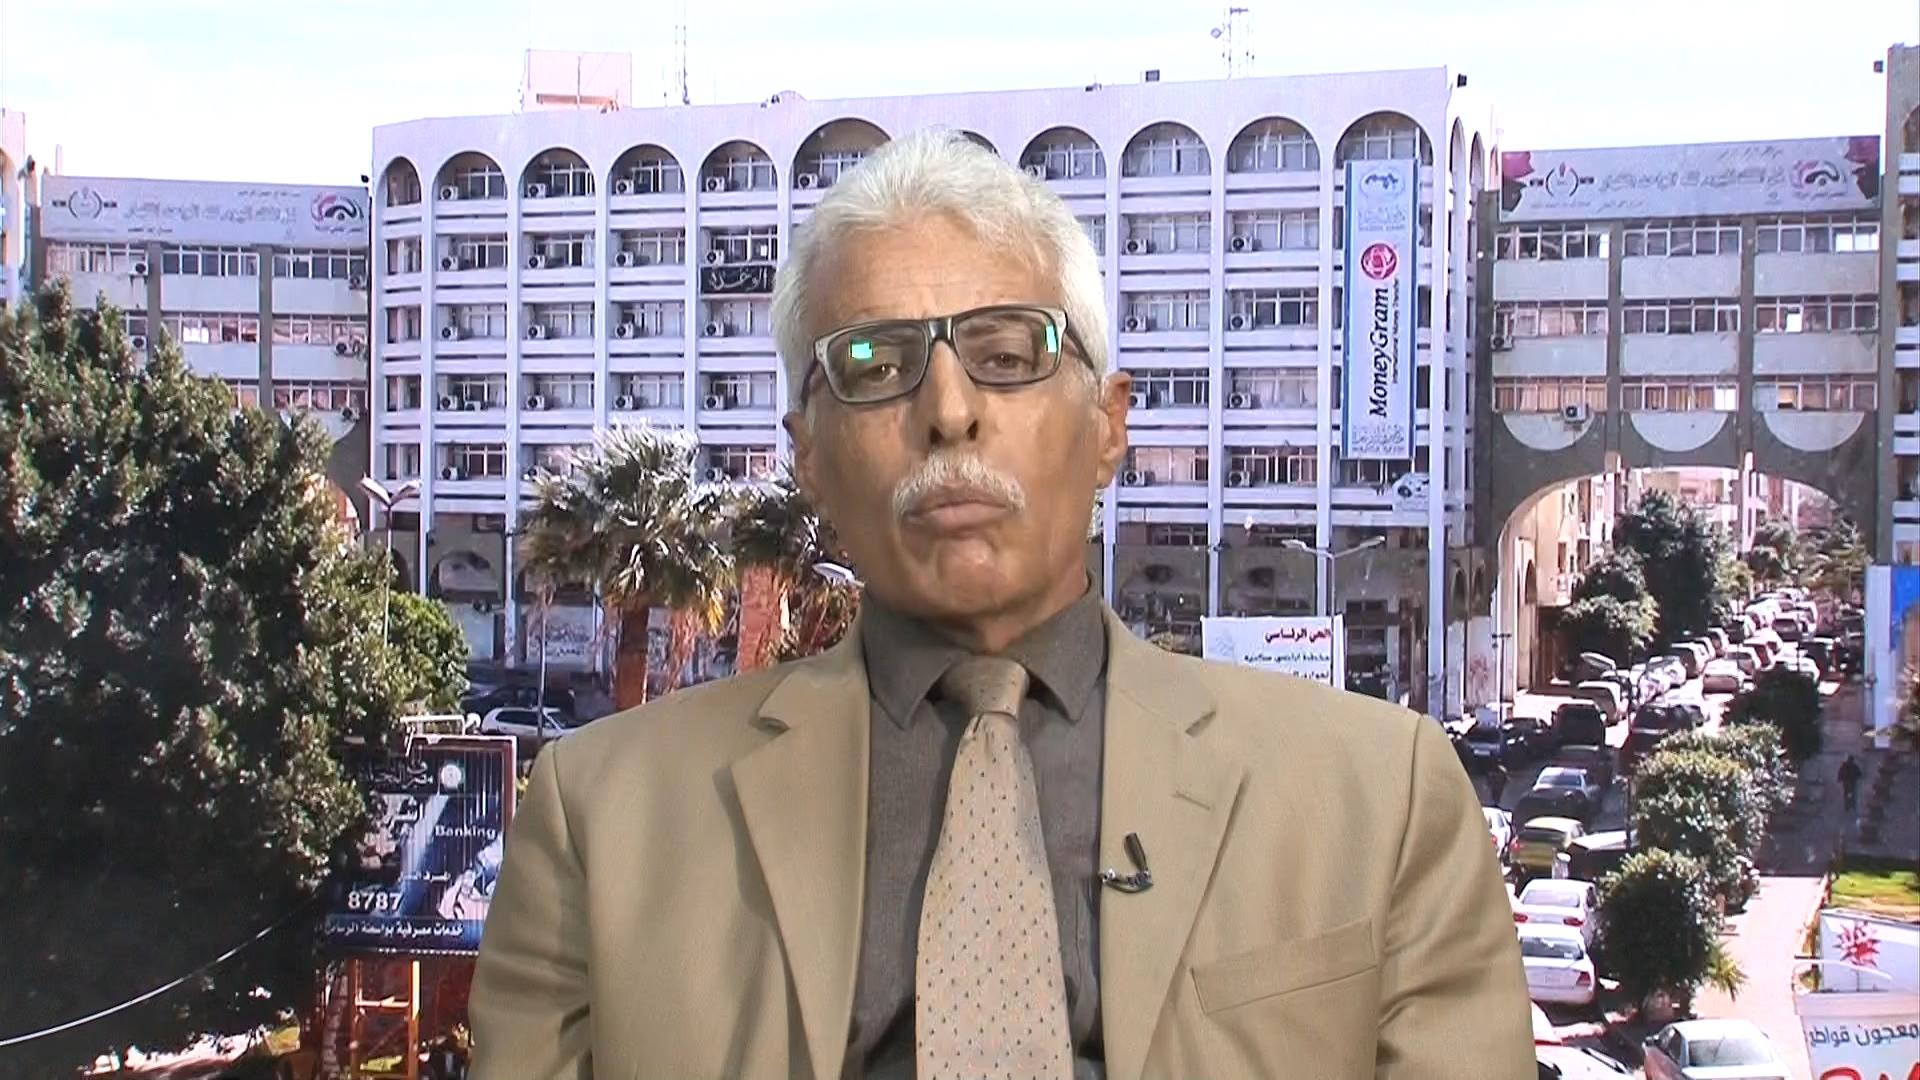 مستشار القيادة العامة للجيش الوطني صلاح الدين الشكري